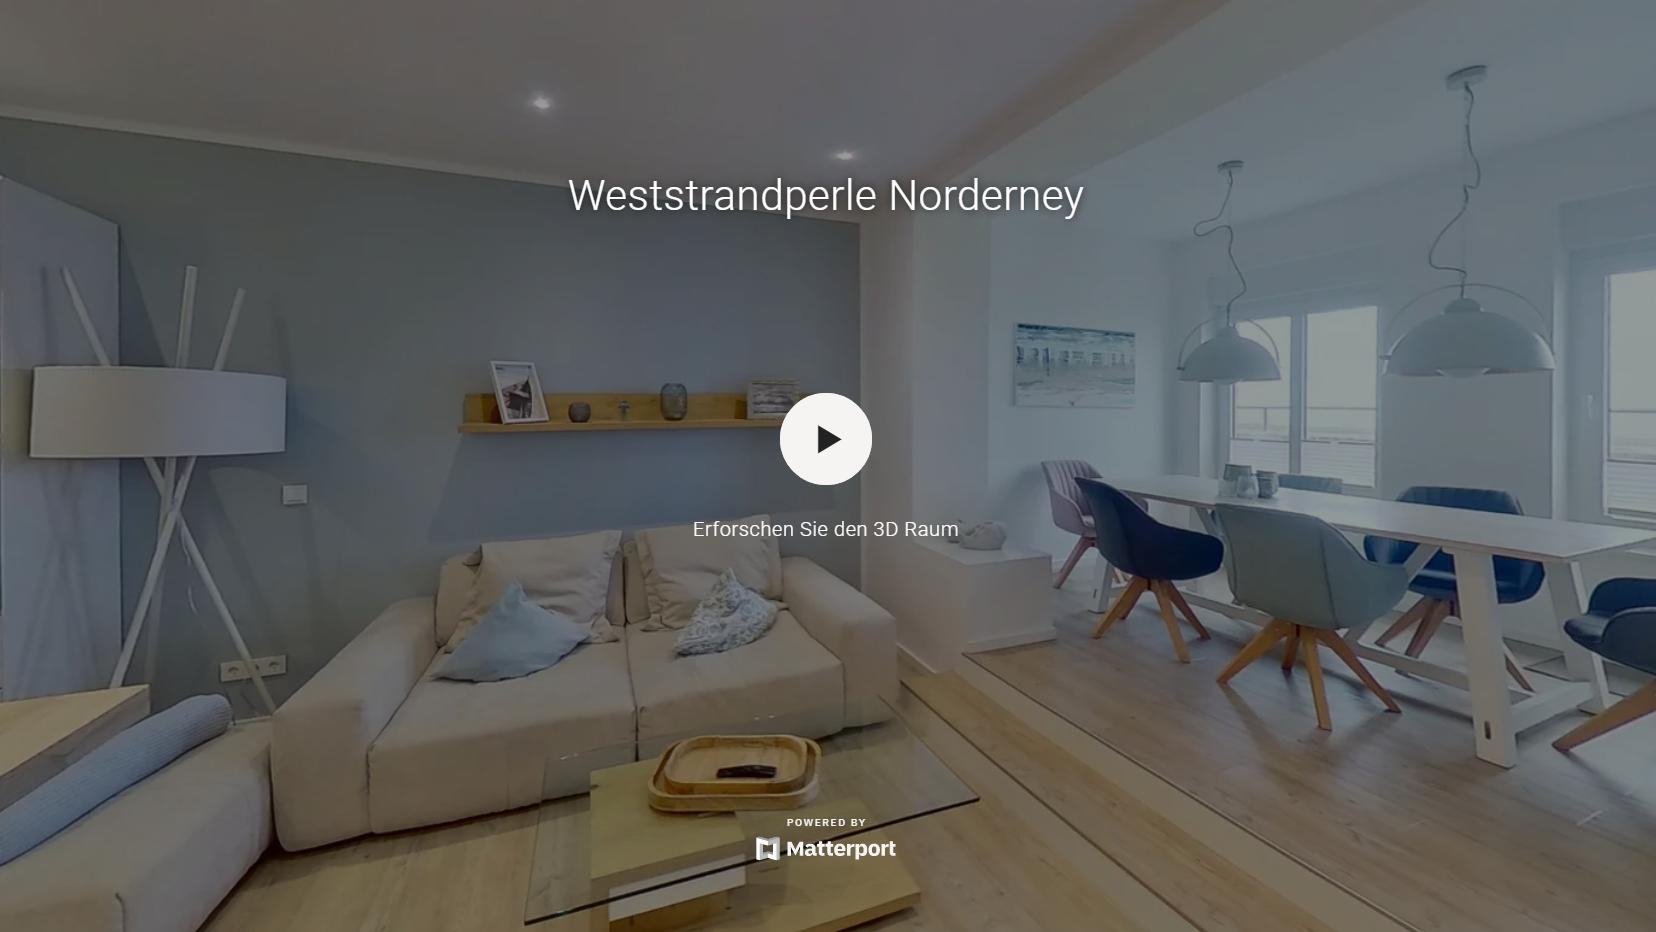 Virtueller 360° Rundgang eines Hotels auf Norderney